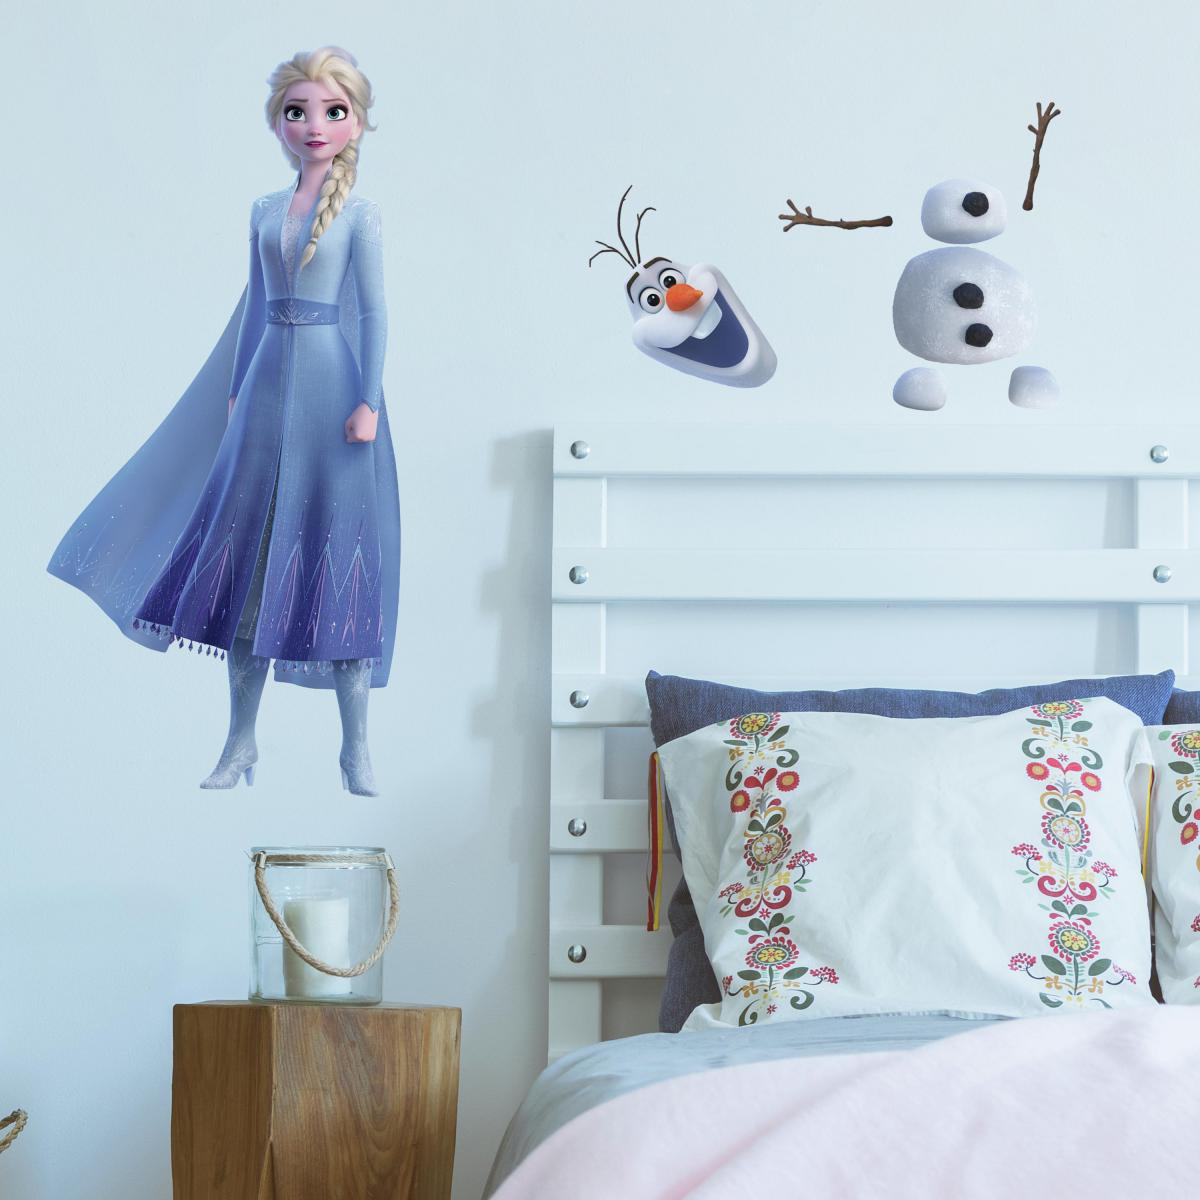 Roommates Stickers géant Elsa & Olaf La Reine des Neiges 2 Disney